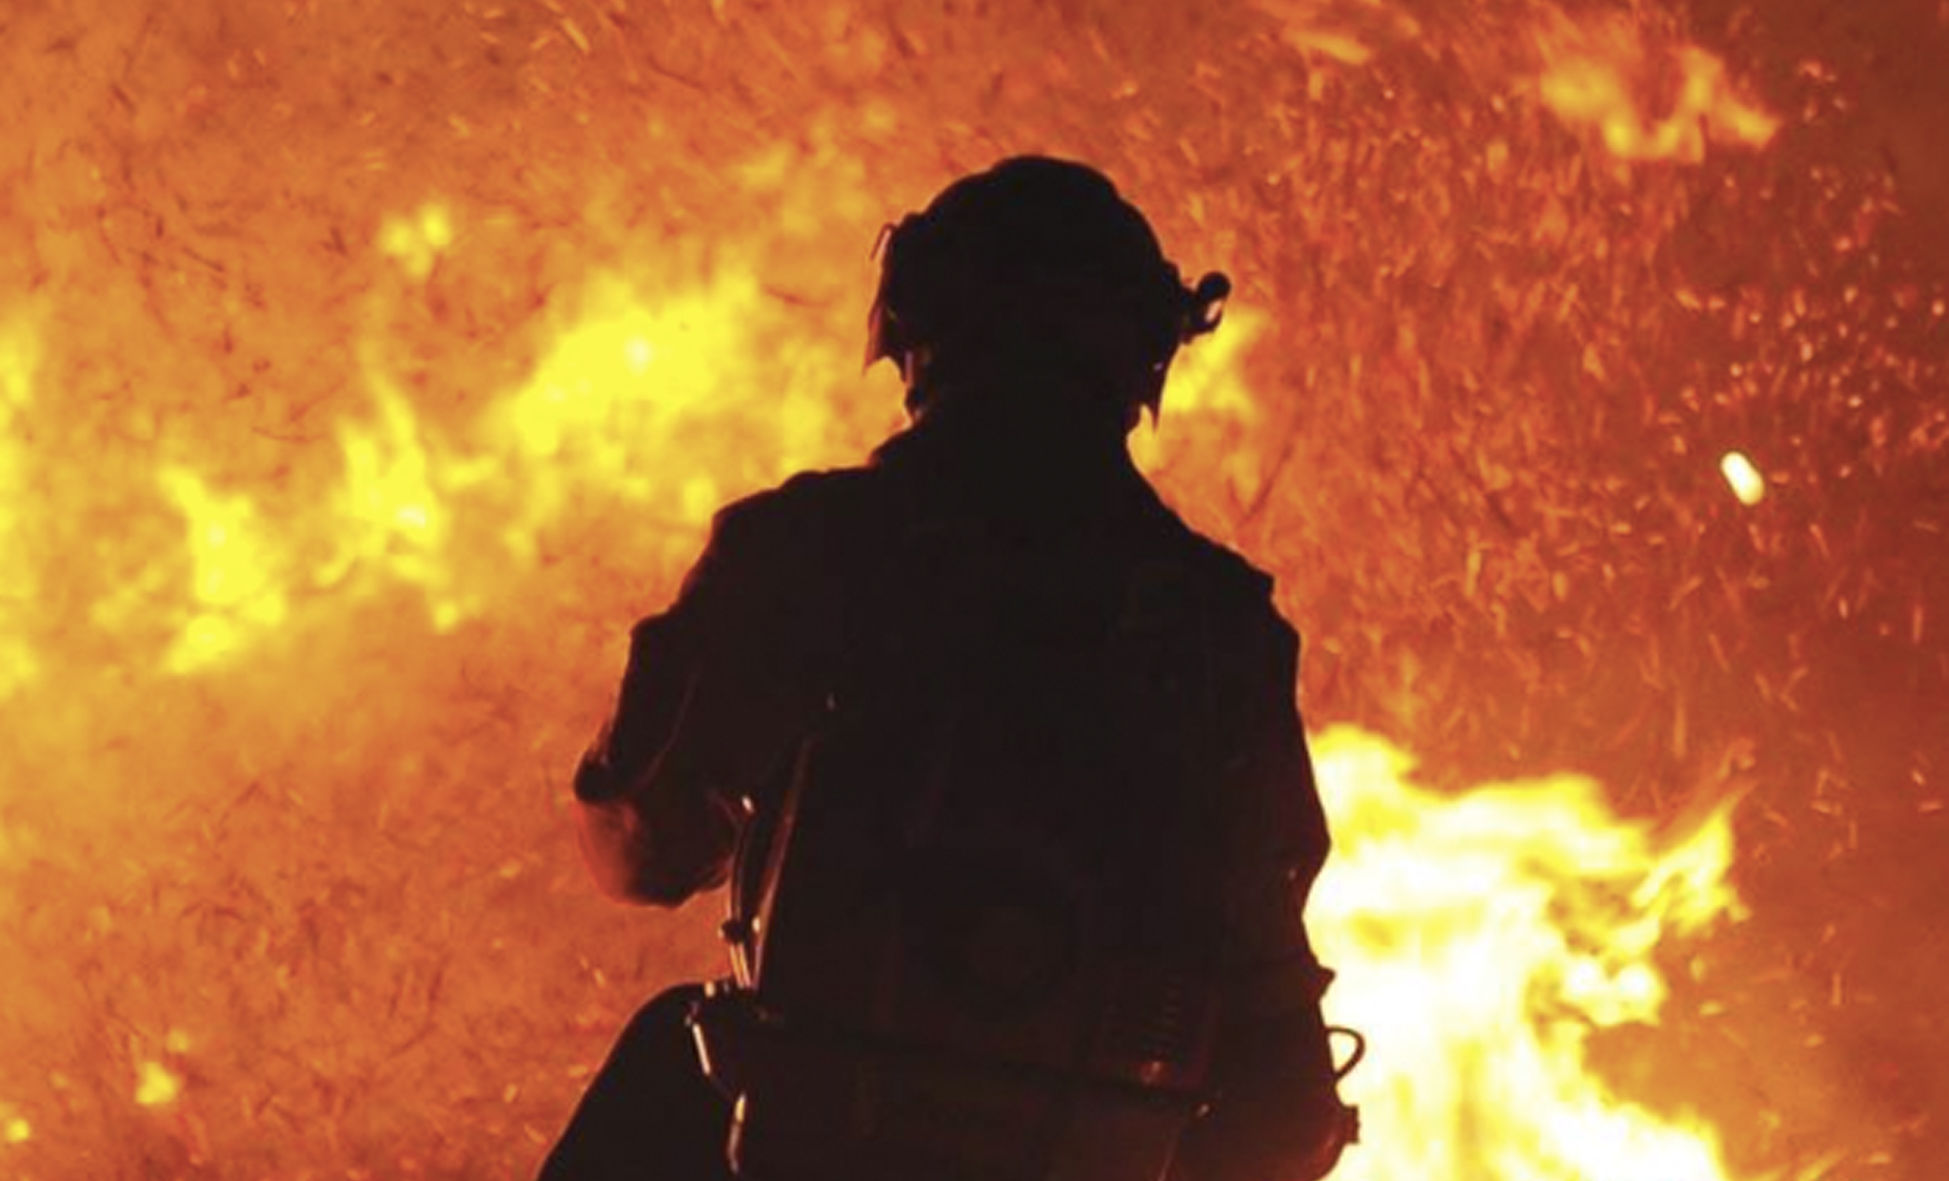 向火而行 森林消防夜间演练场面震撼